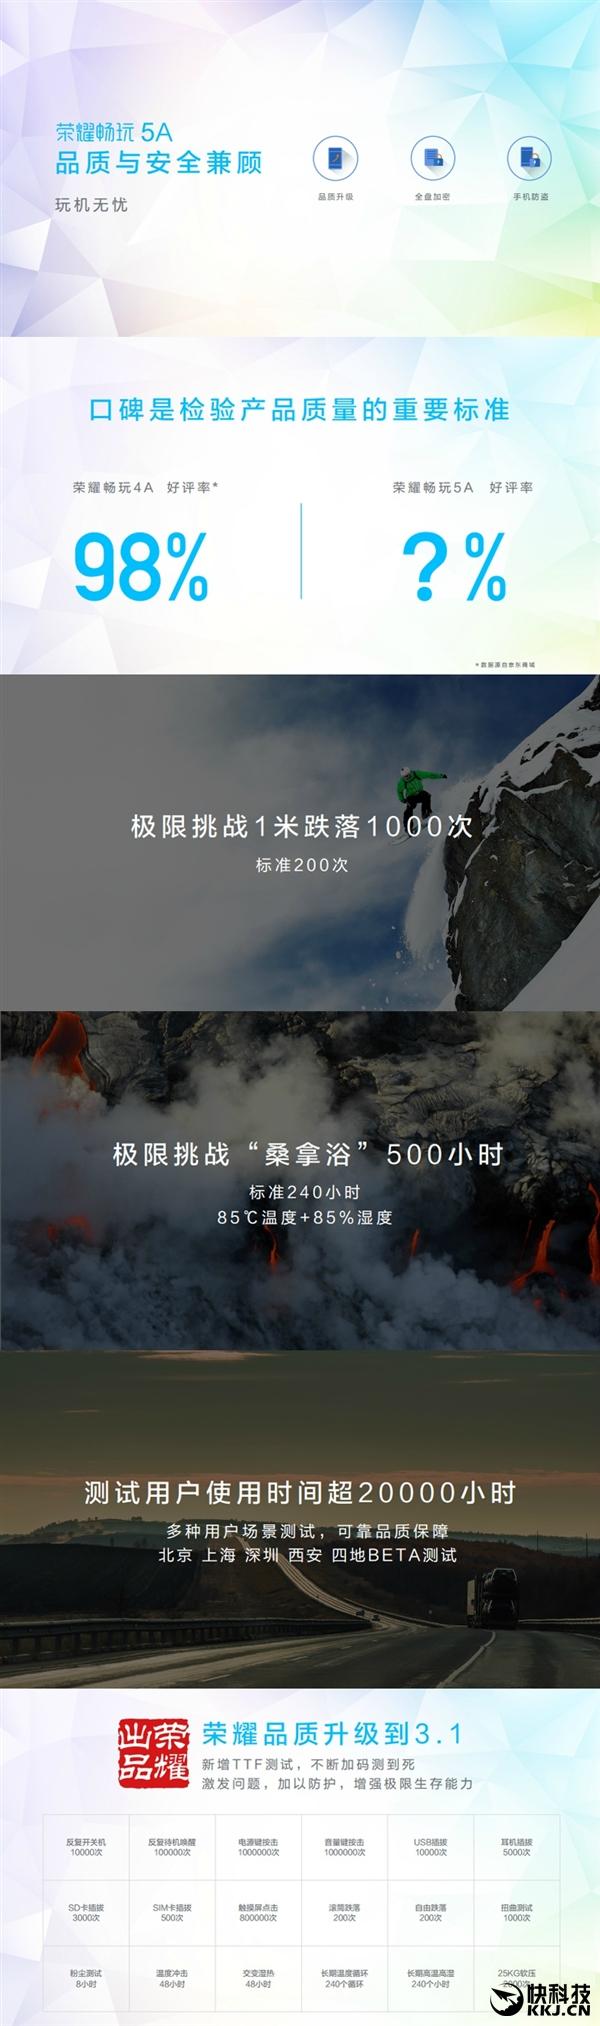 799元三网通!荣耀畅玩5A宣布公布:三插槽